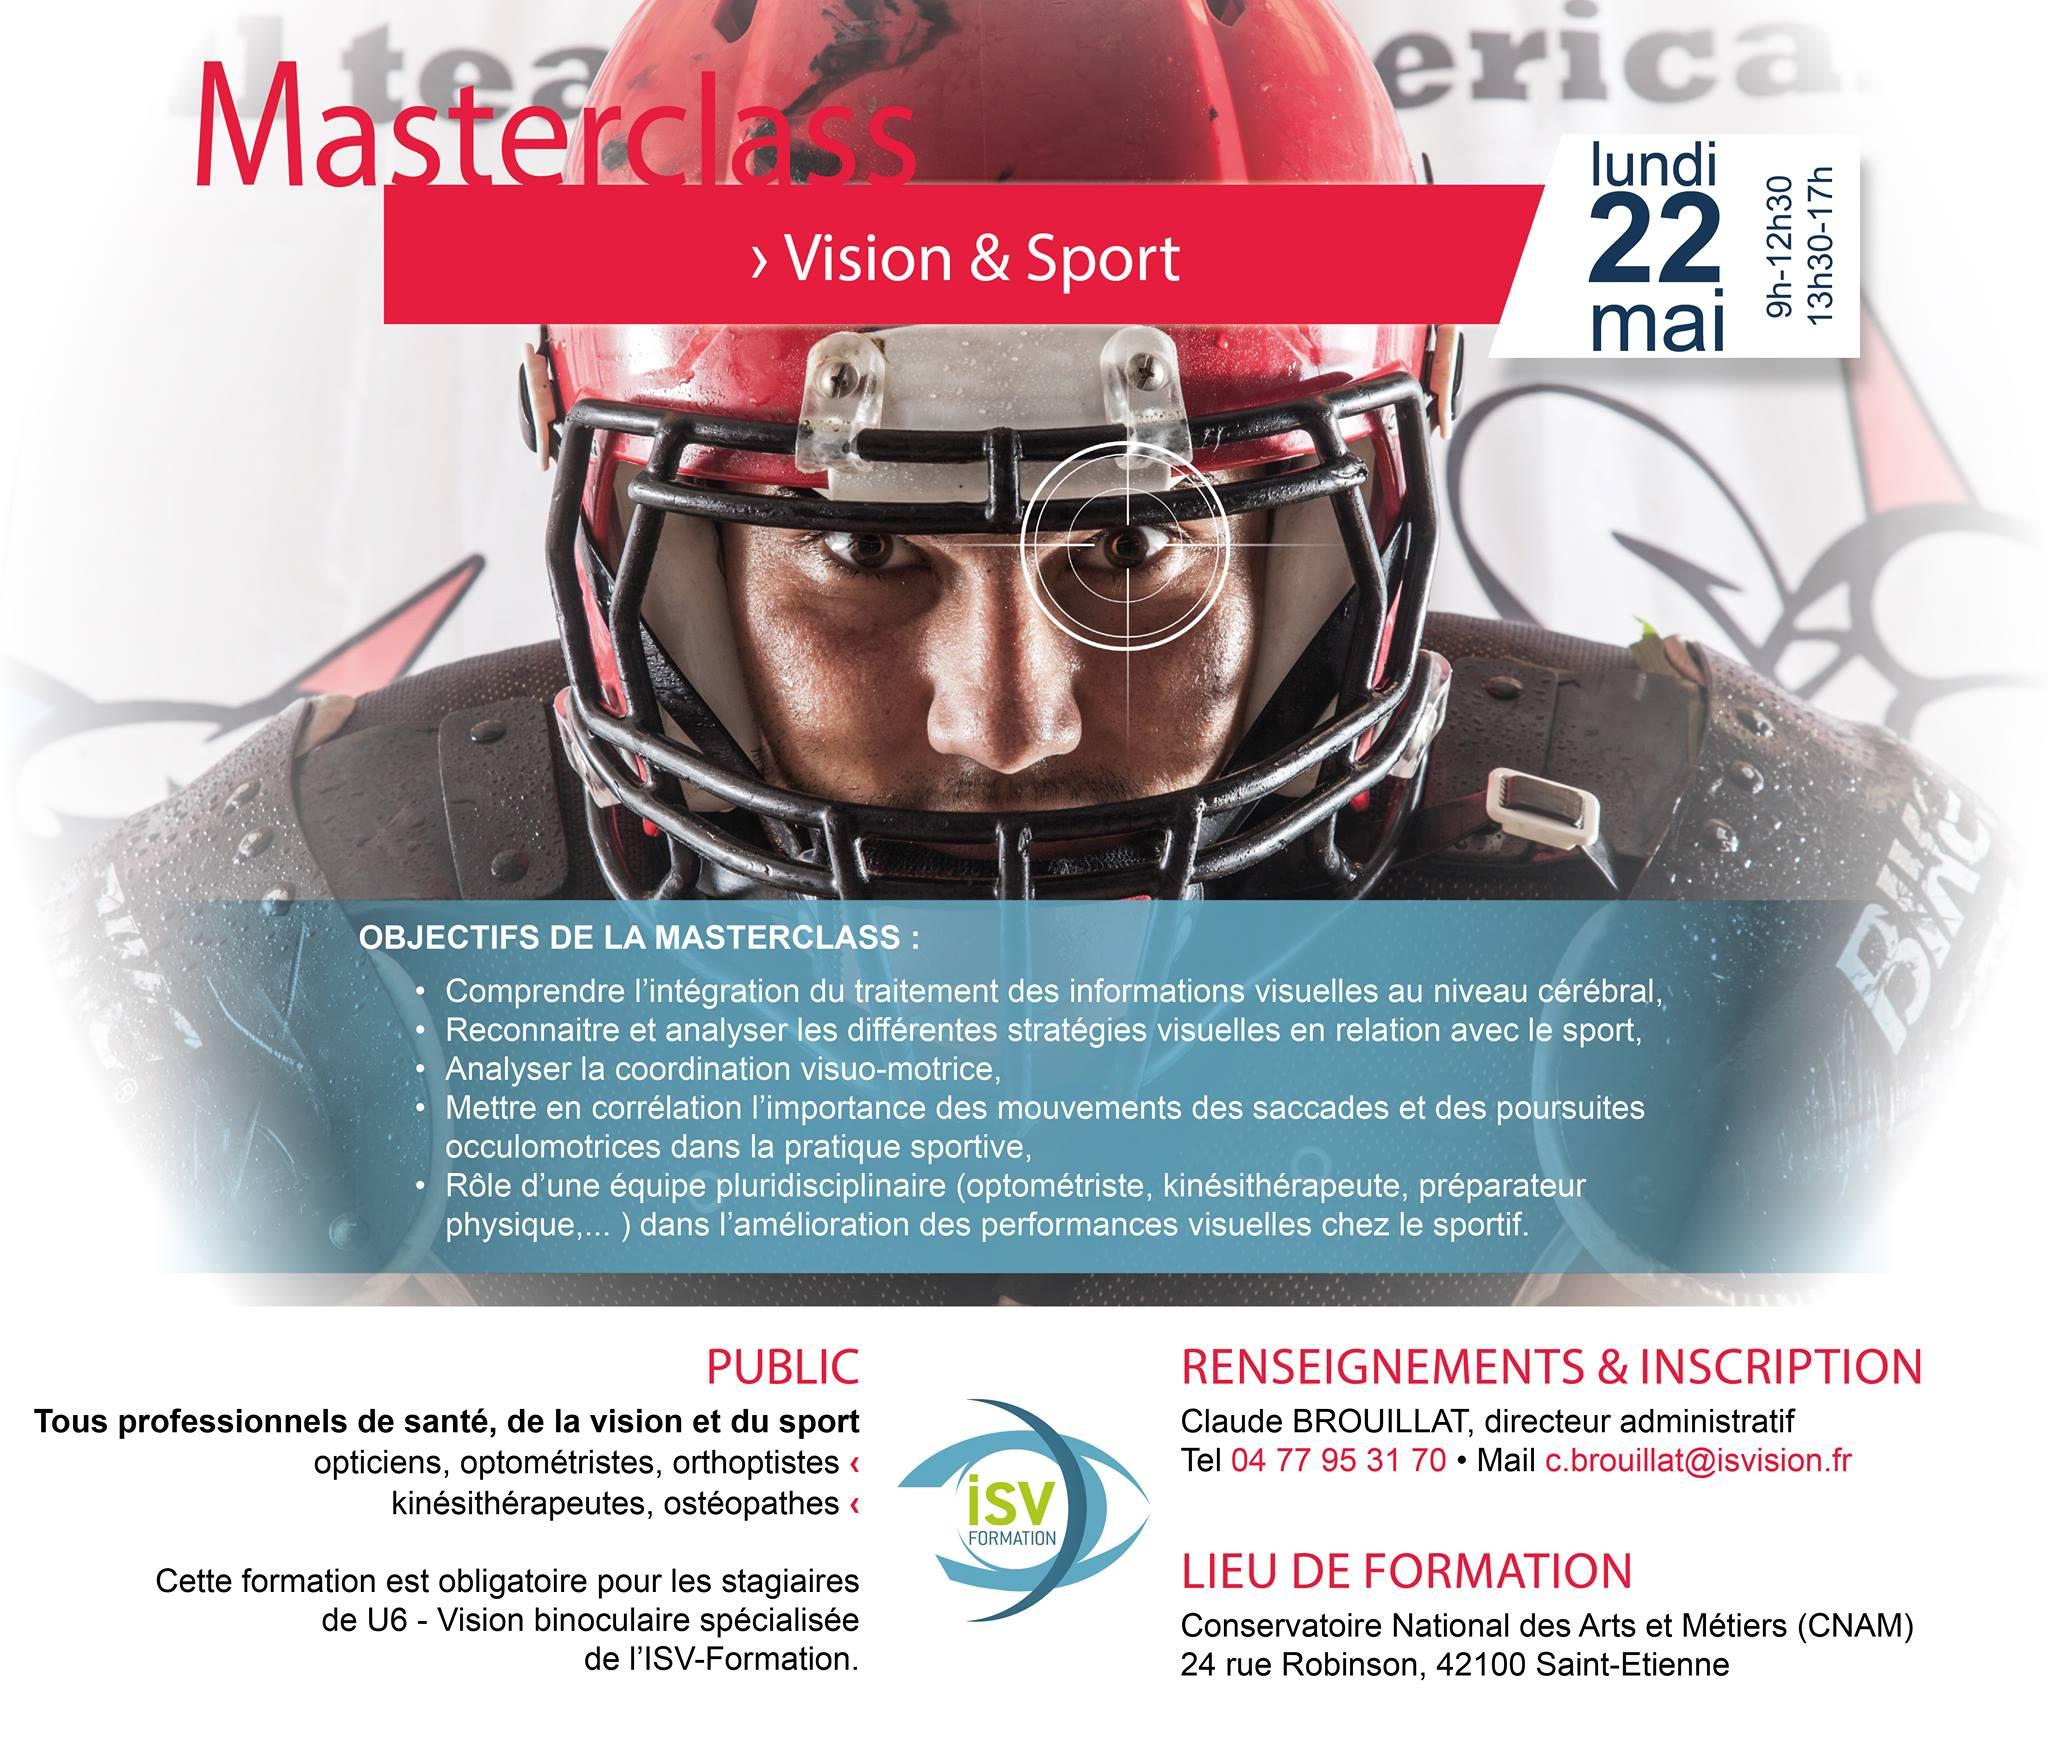 MASTERCLASS - La vision et le sport